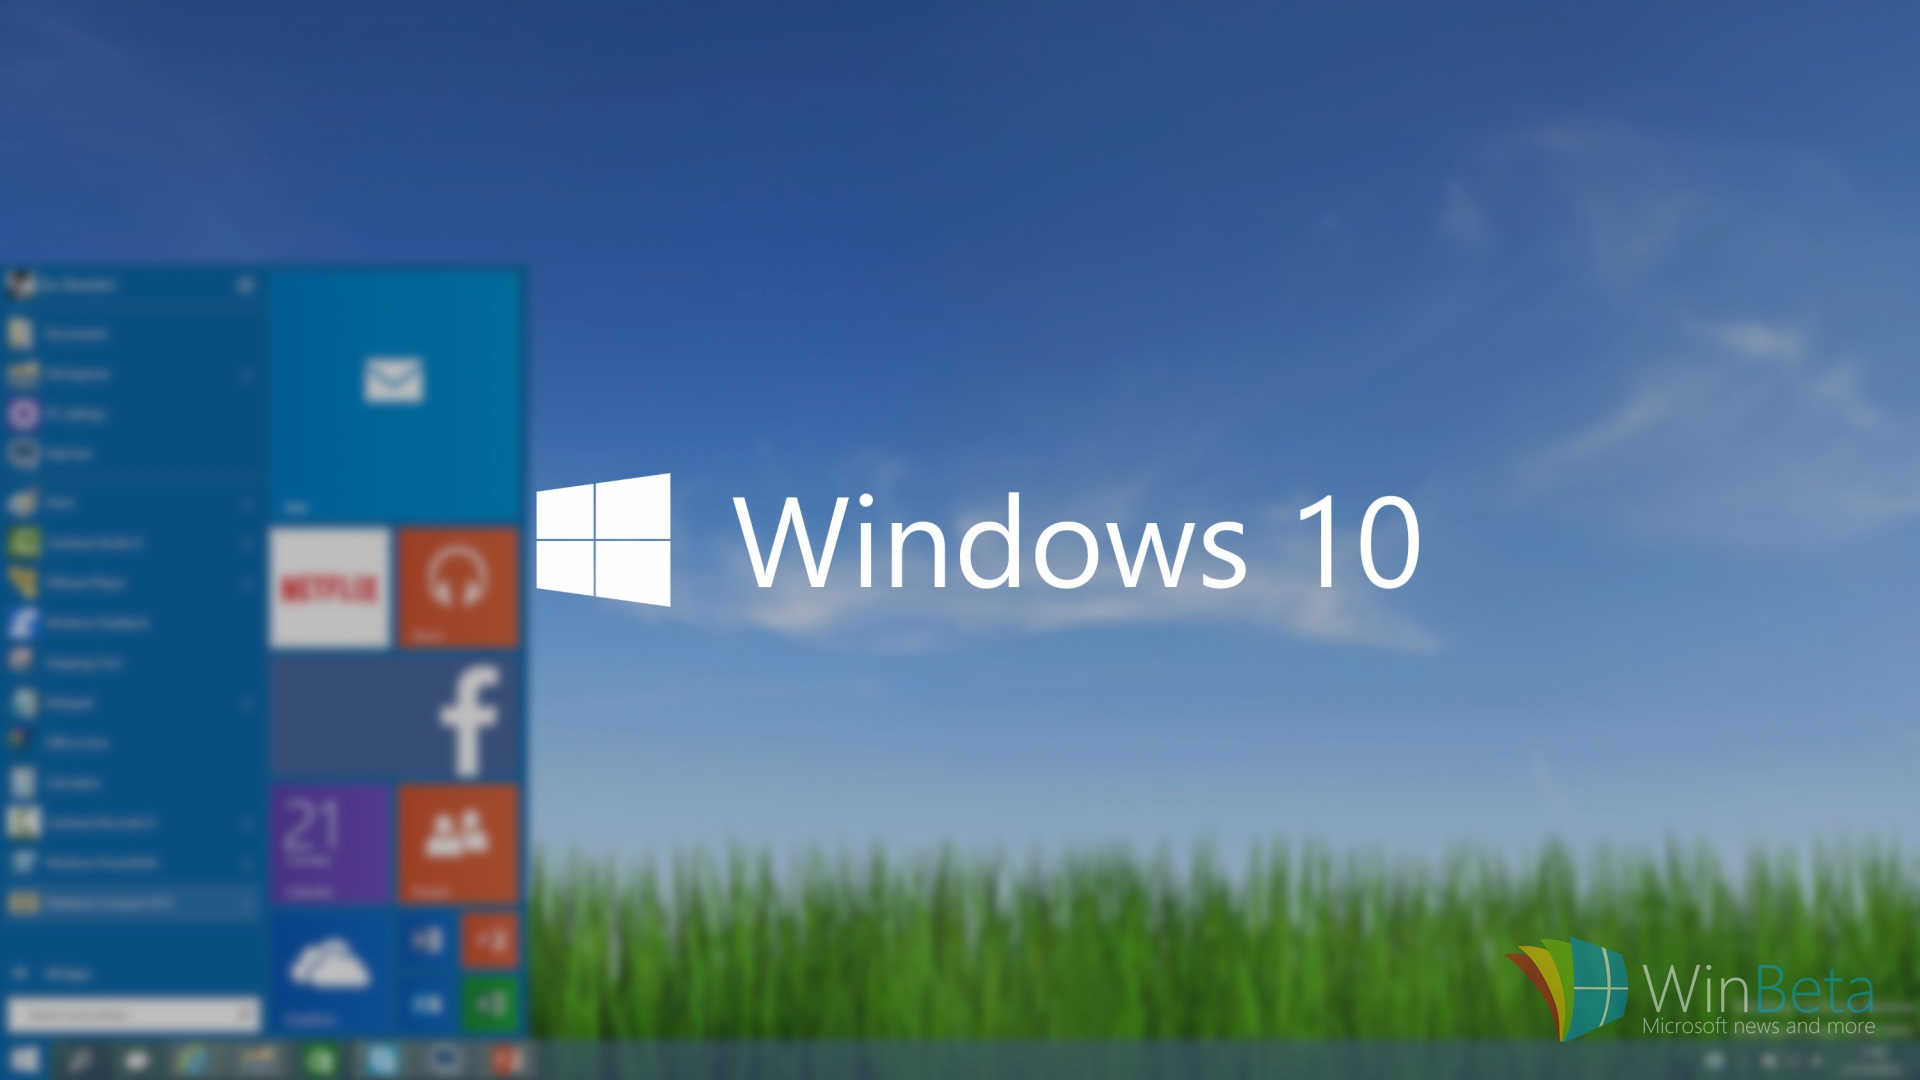 Suportul pentru Windows 10 va dura pana pe 14 octombrie 2025